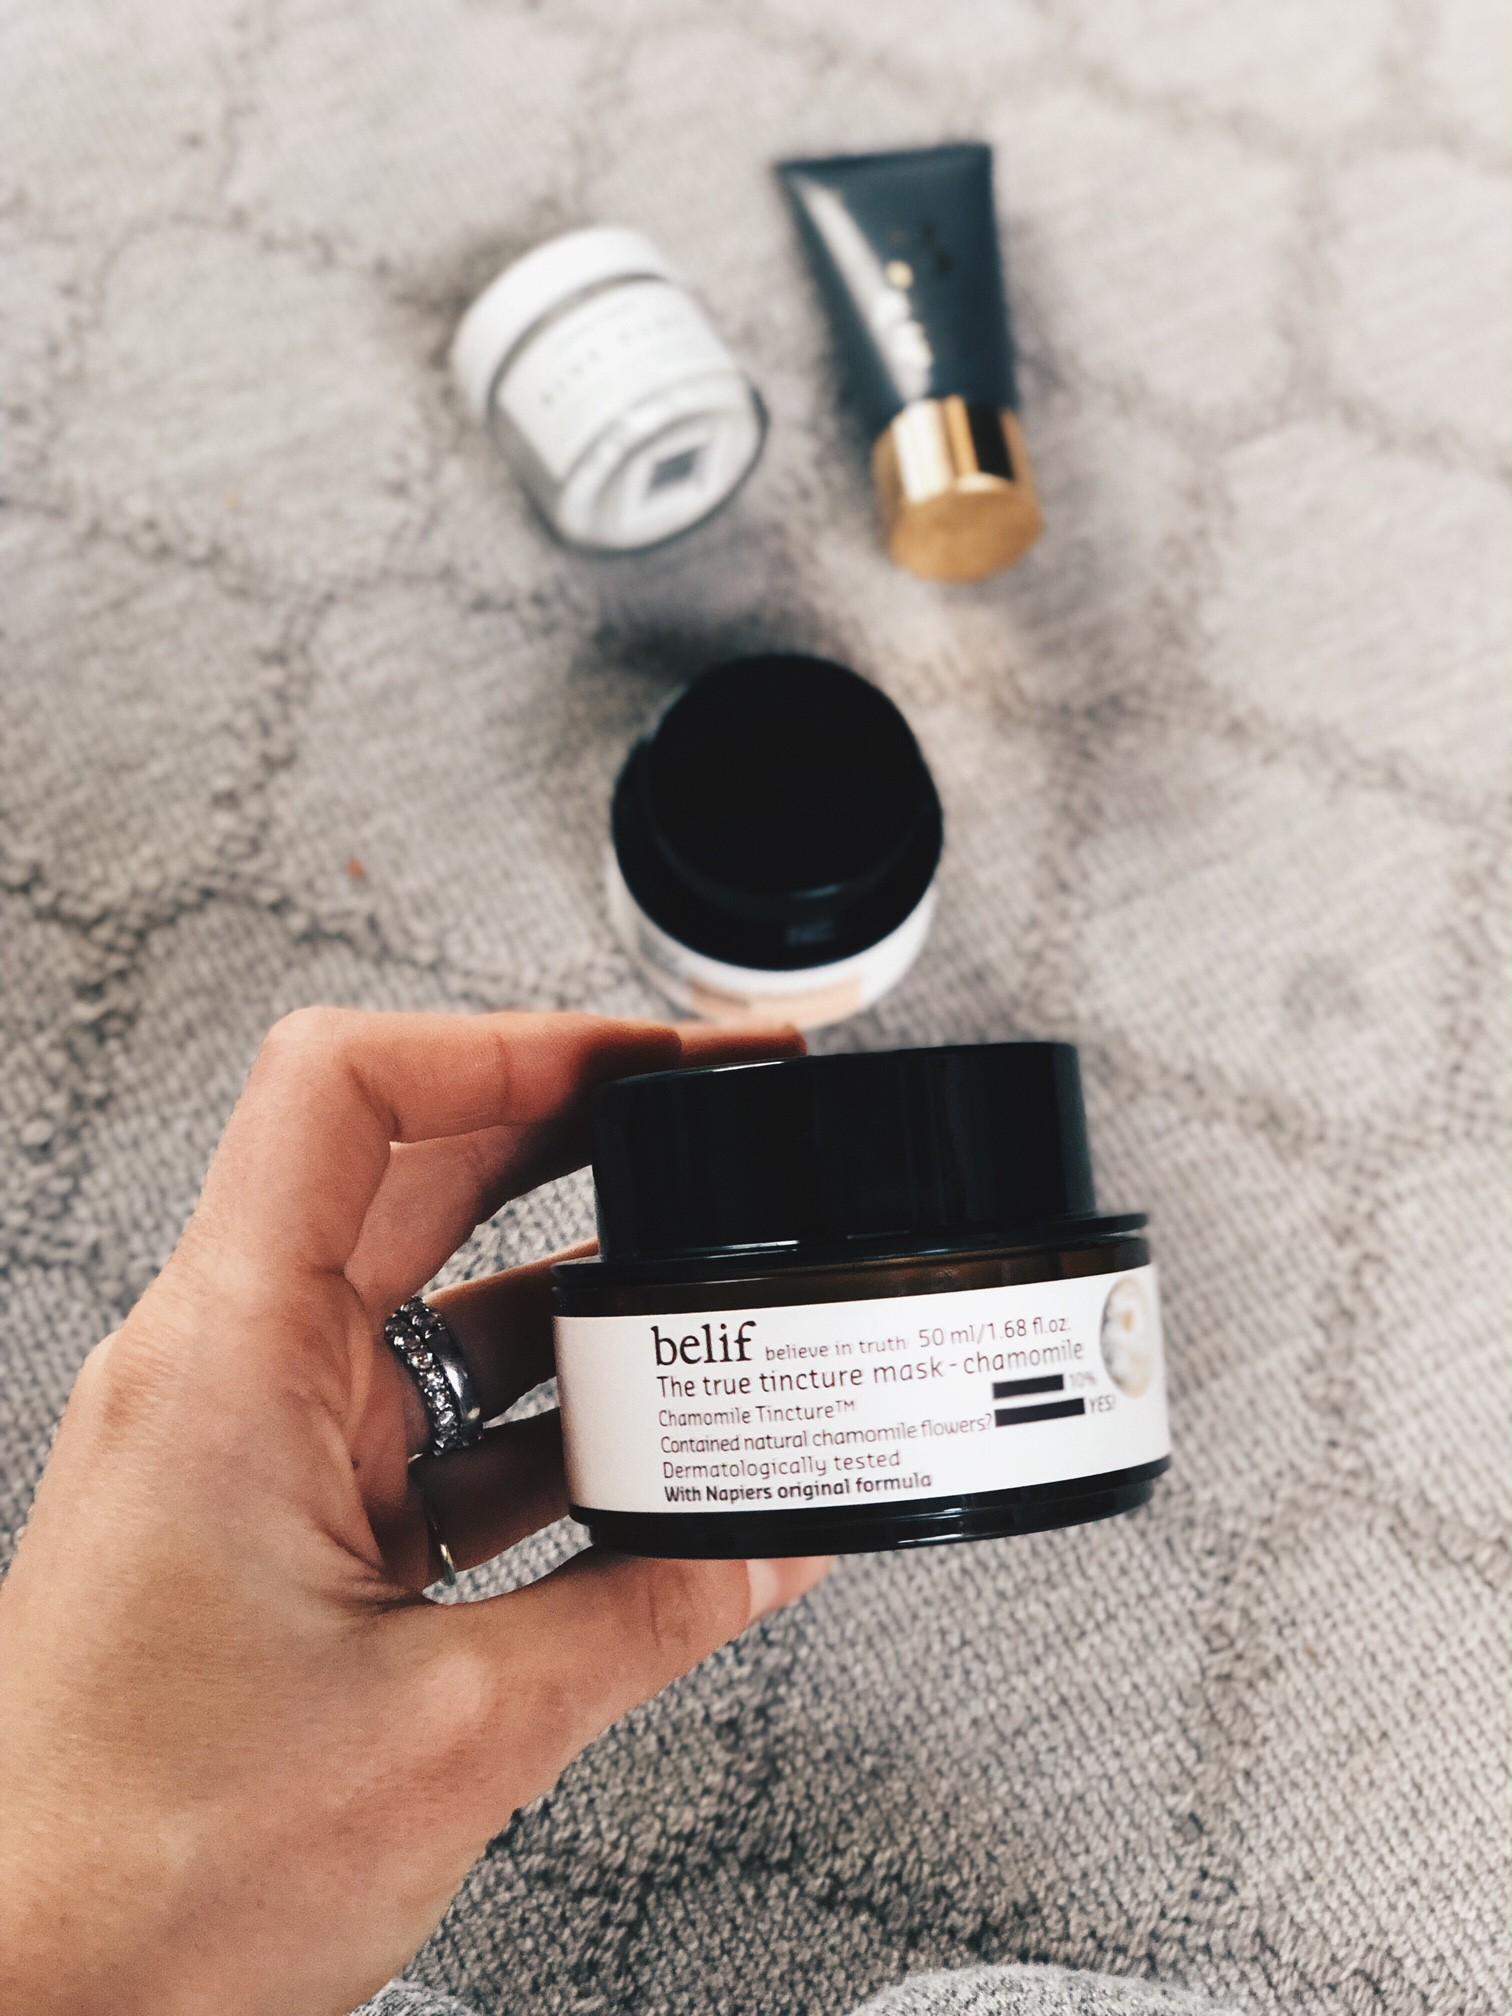 5 sản phẩm ngăn ngừa và trị mụn giúp bạn xây dựng quy trình dưỡng hoàn hảo cho làn da khô dễ nổi mụn - Ảnh 3.